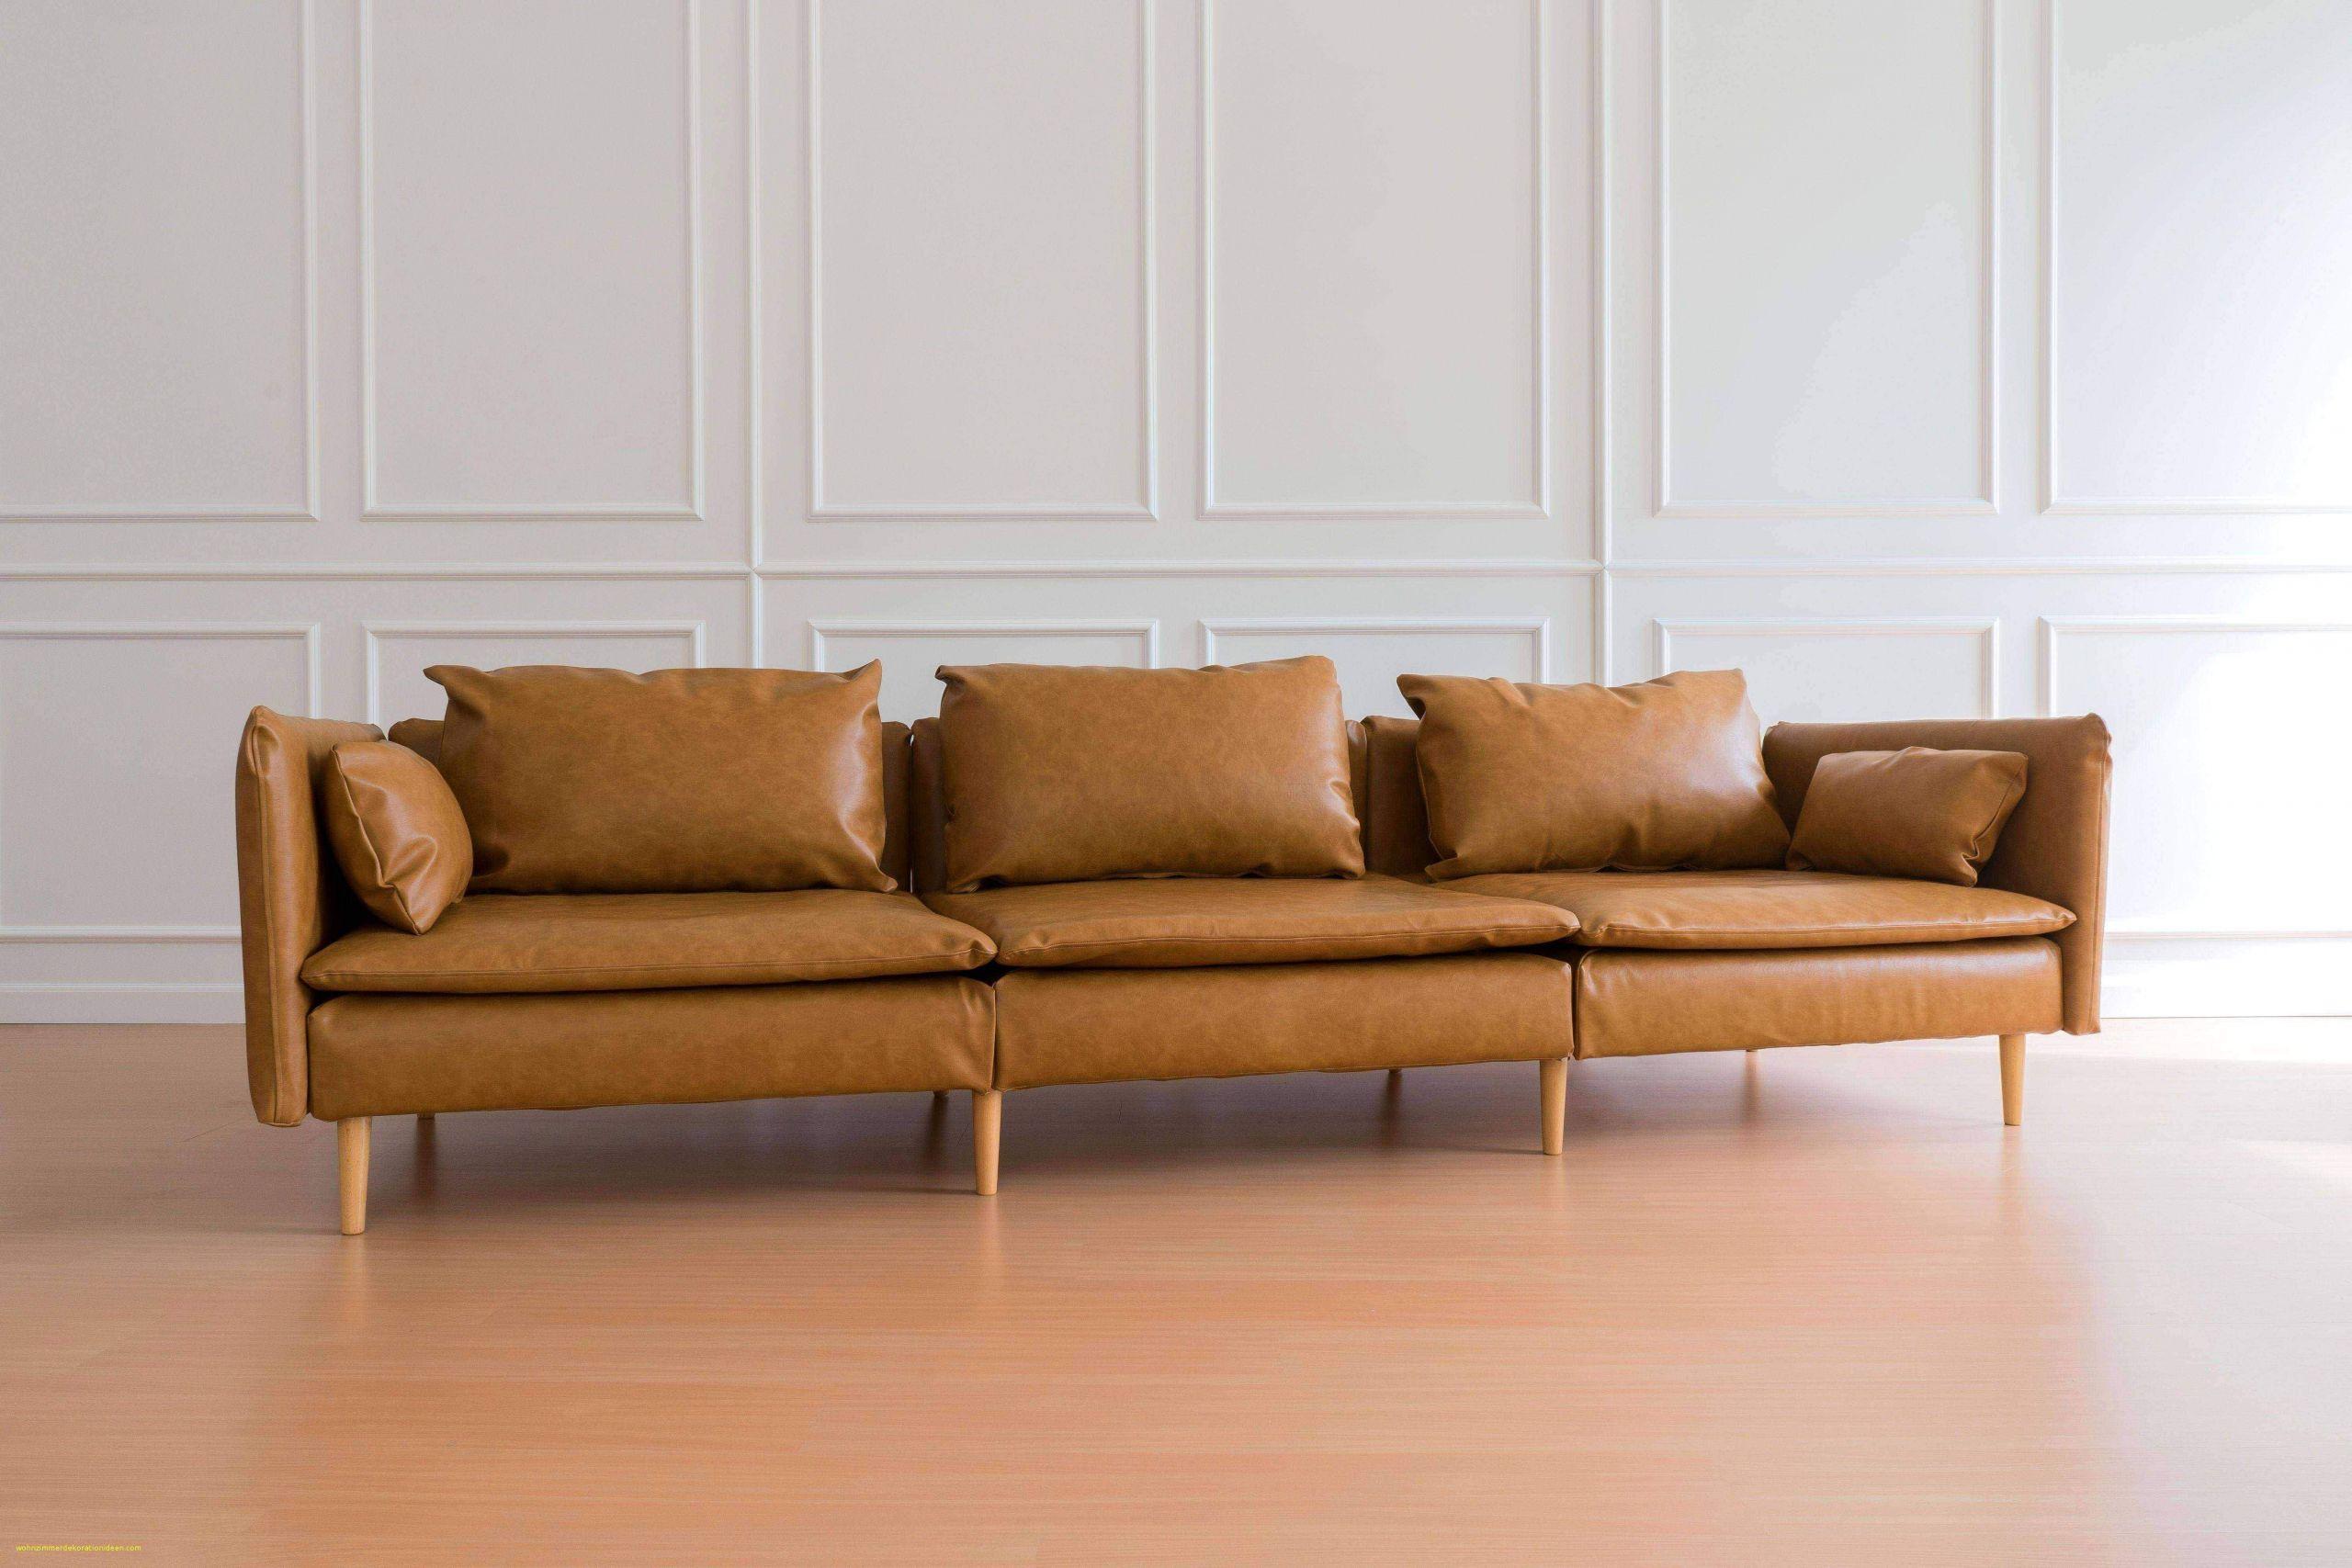 Full Size of Ikea Küche Kosten Miniküche Kaufen Betten Bei Sofa Mit Schlaffunktion 160x200 Modulküche Wohnzimmer Wohnzimmerlampen Ikea